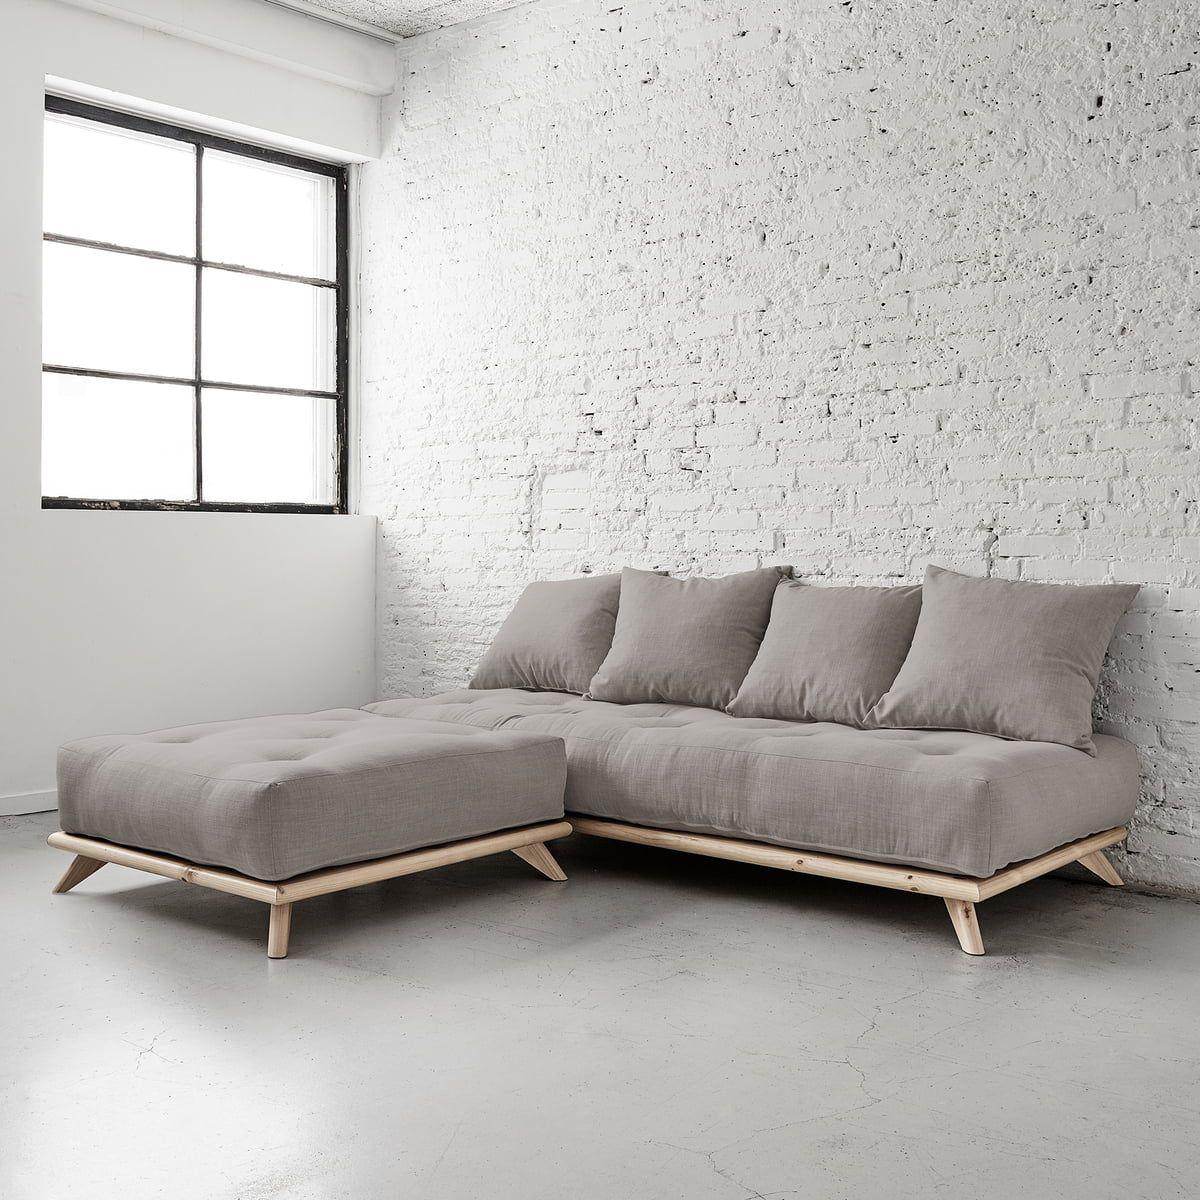 Karup Design Senza Sofa, Kiefer natur / granitgrau in